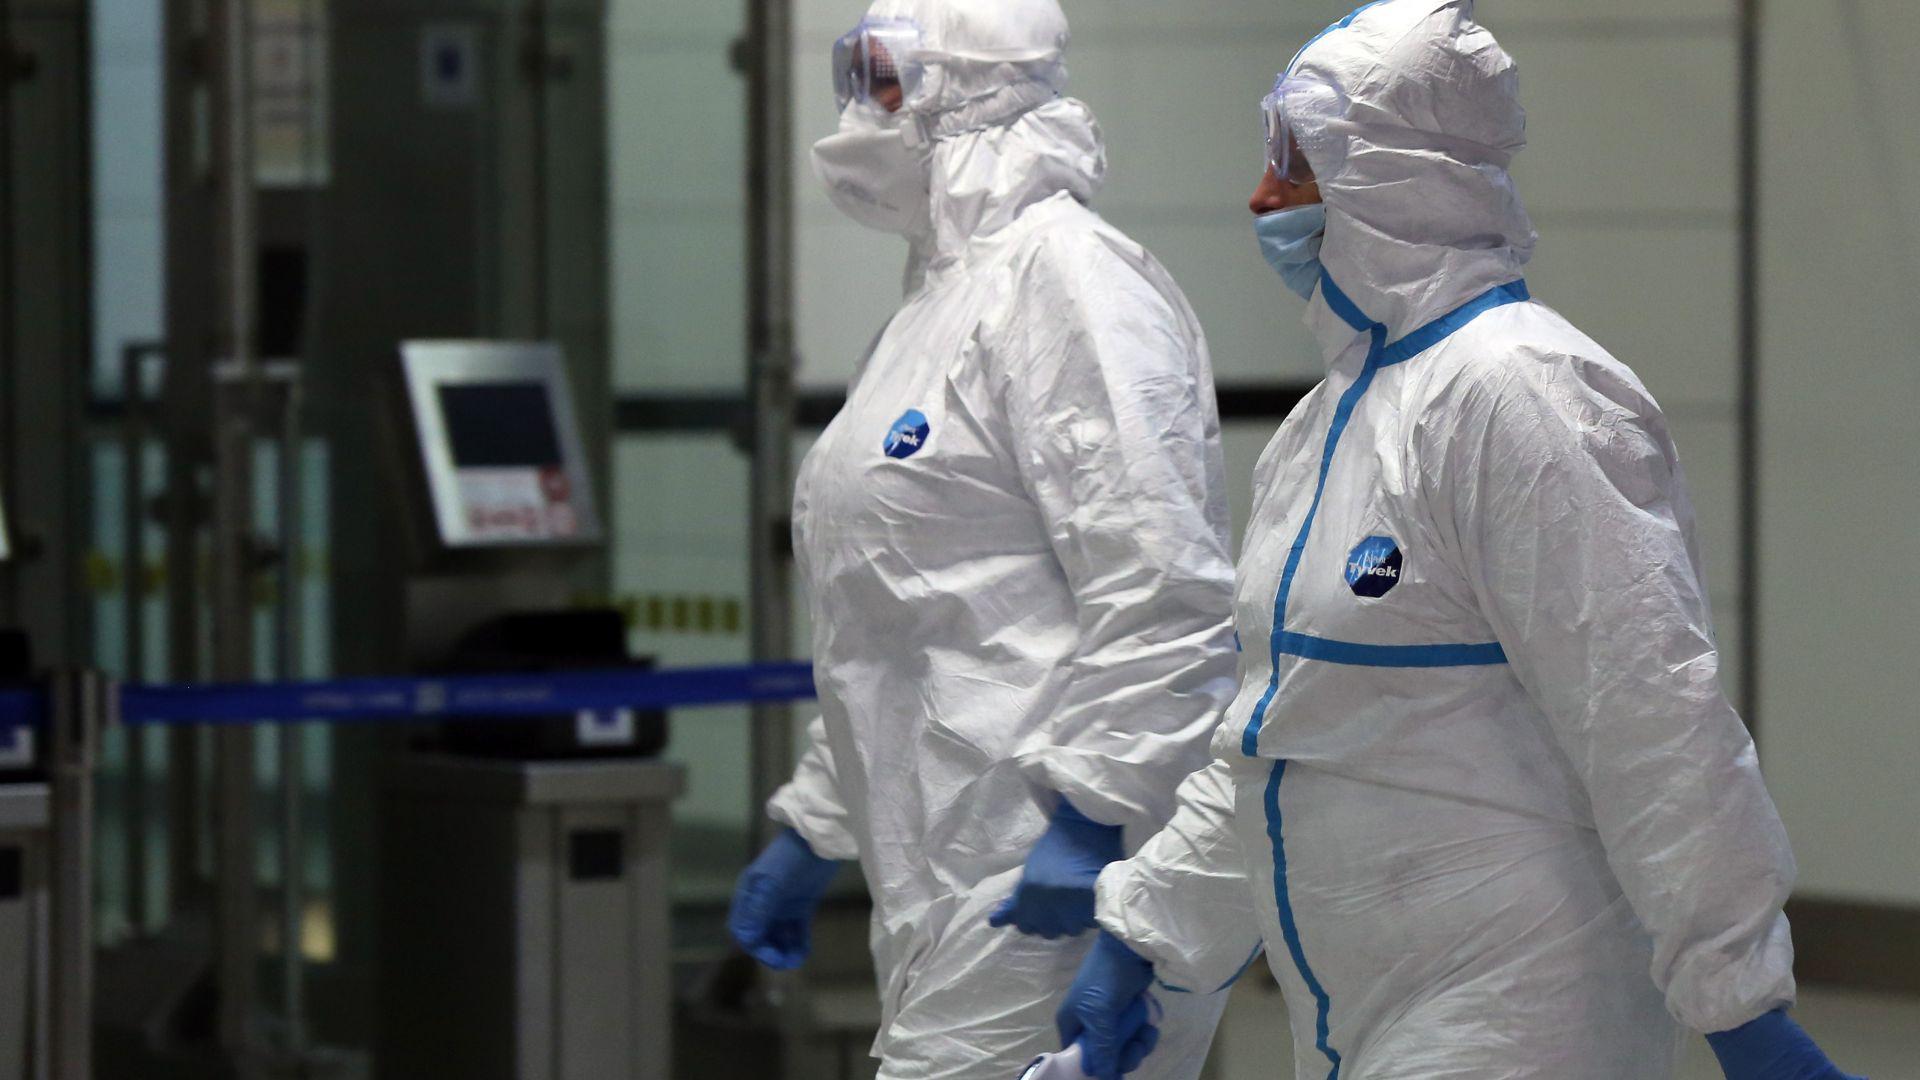 Ген. Мутафчийски: 99 проби се изследват днес за коронавирус, отрицателни са